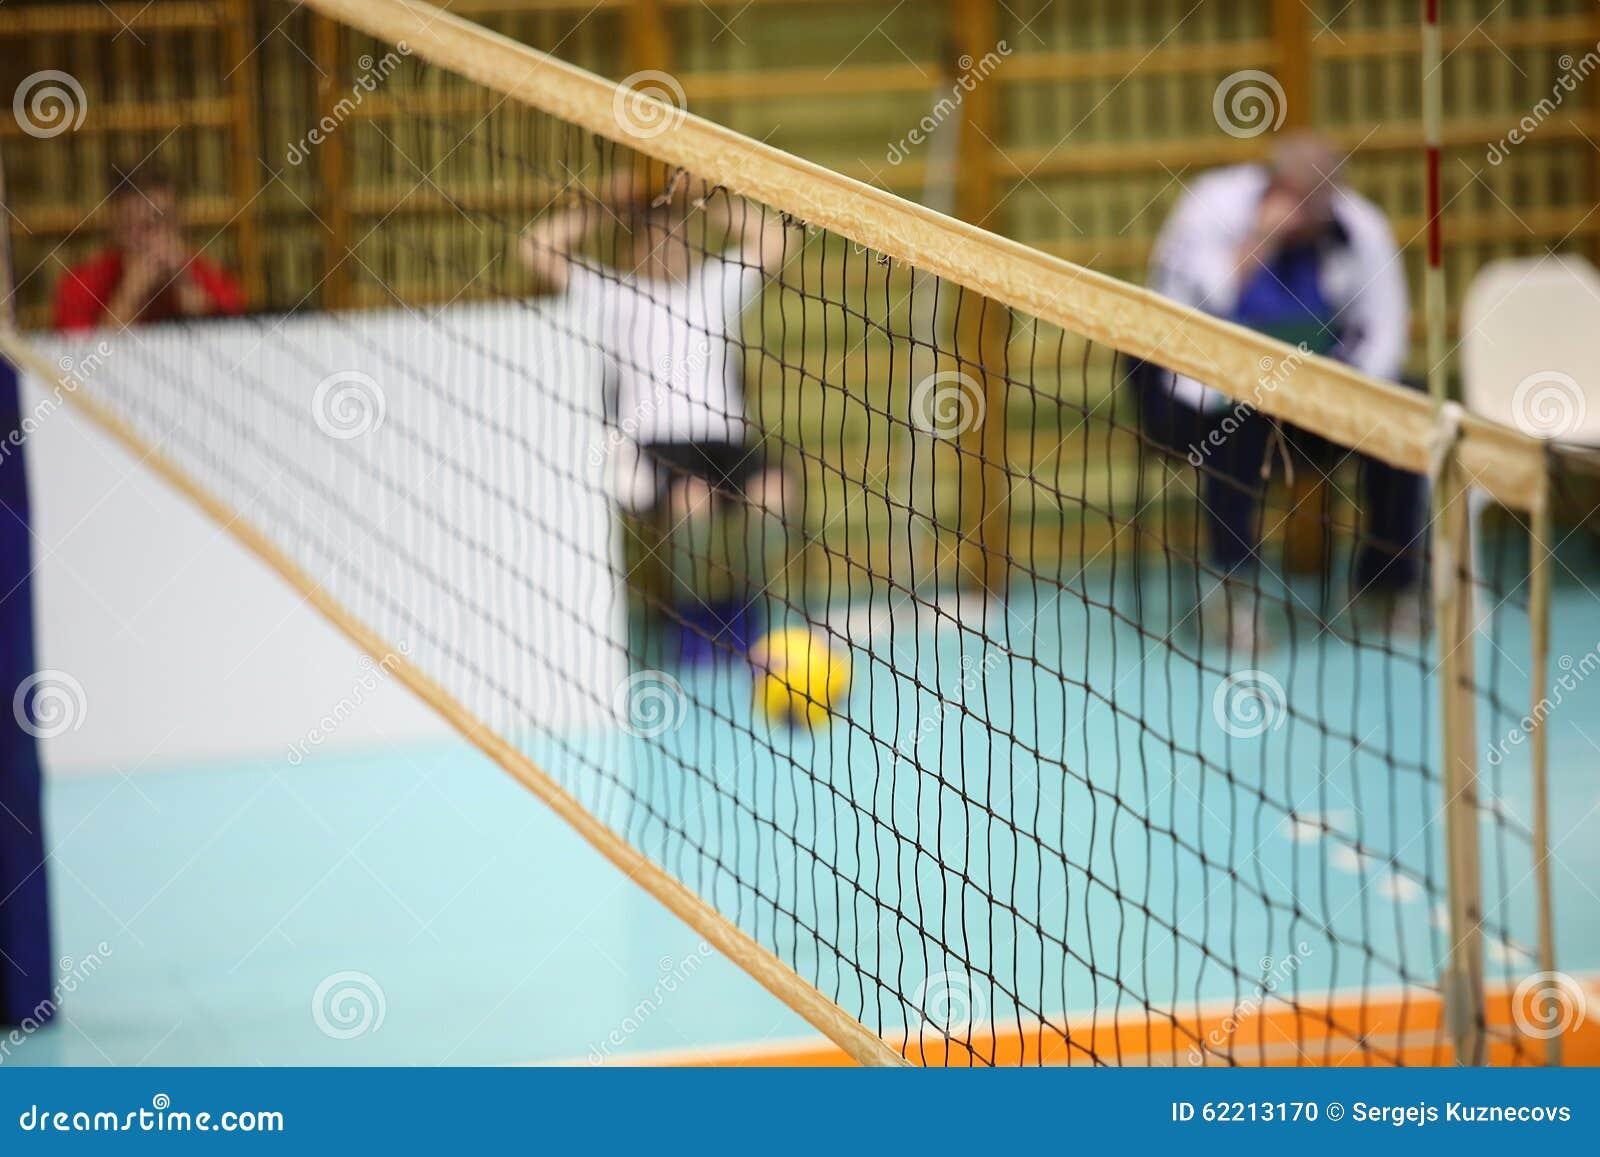 Volleyballspieler und Volleyballnetz